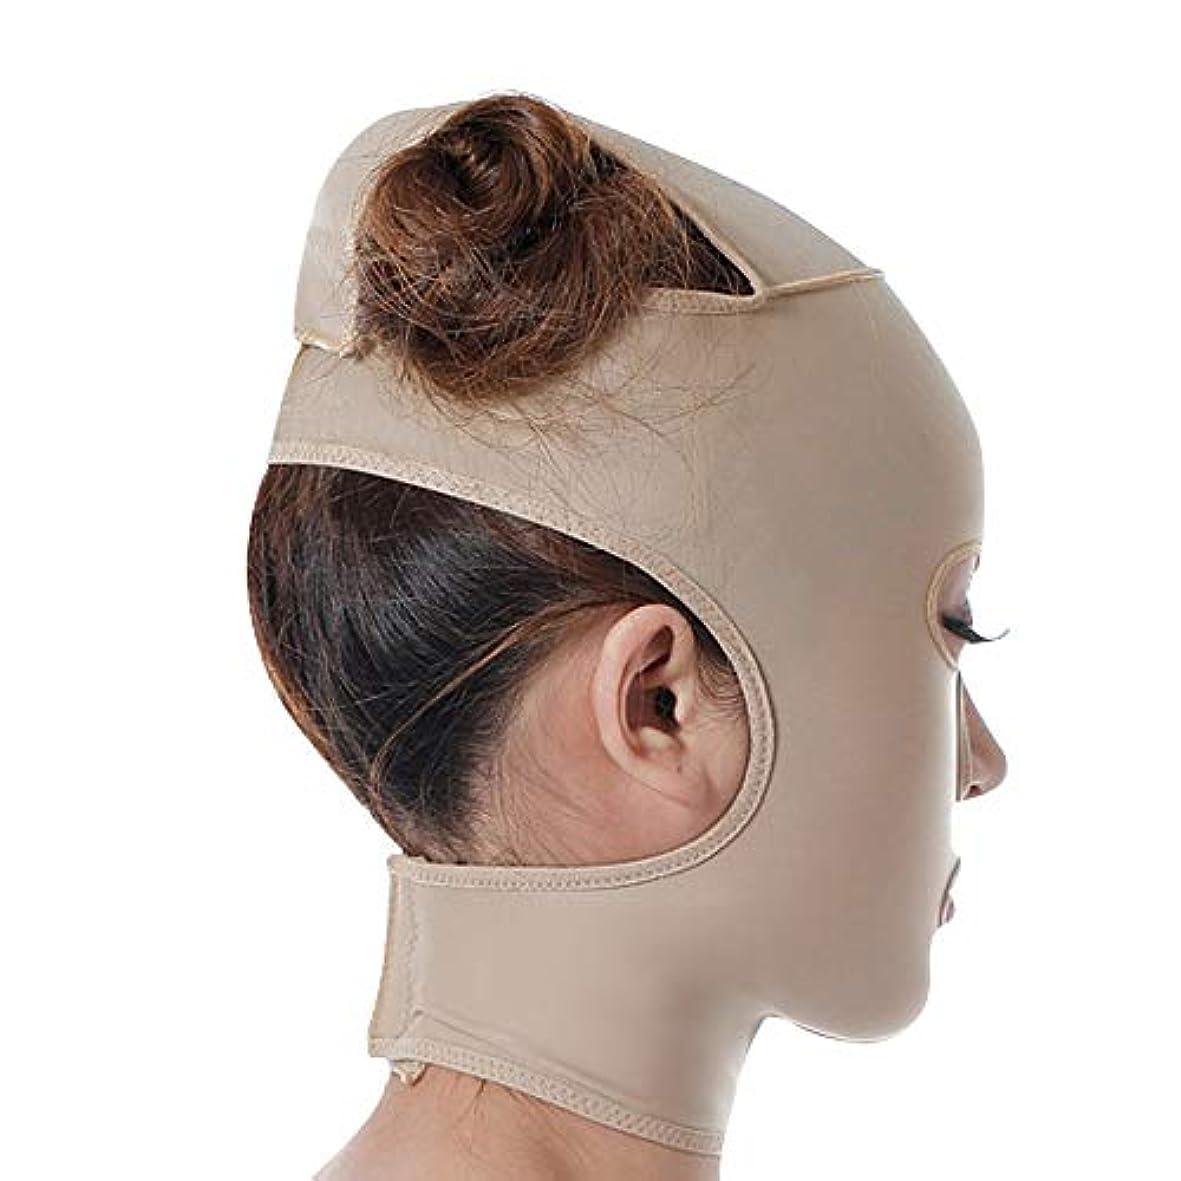 相反する警察署モロニックTLMY 引き締めマスクマスク美容薬マスク美容V顔包帯ライン彫刻リフティング引き締め二重あごマスク 顔用整形マスク (Size : M)